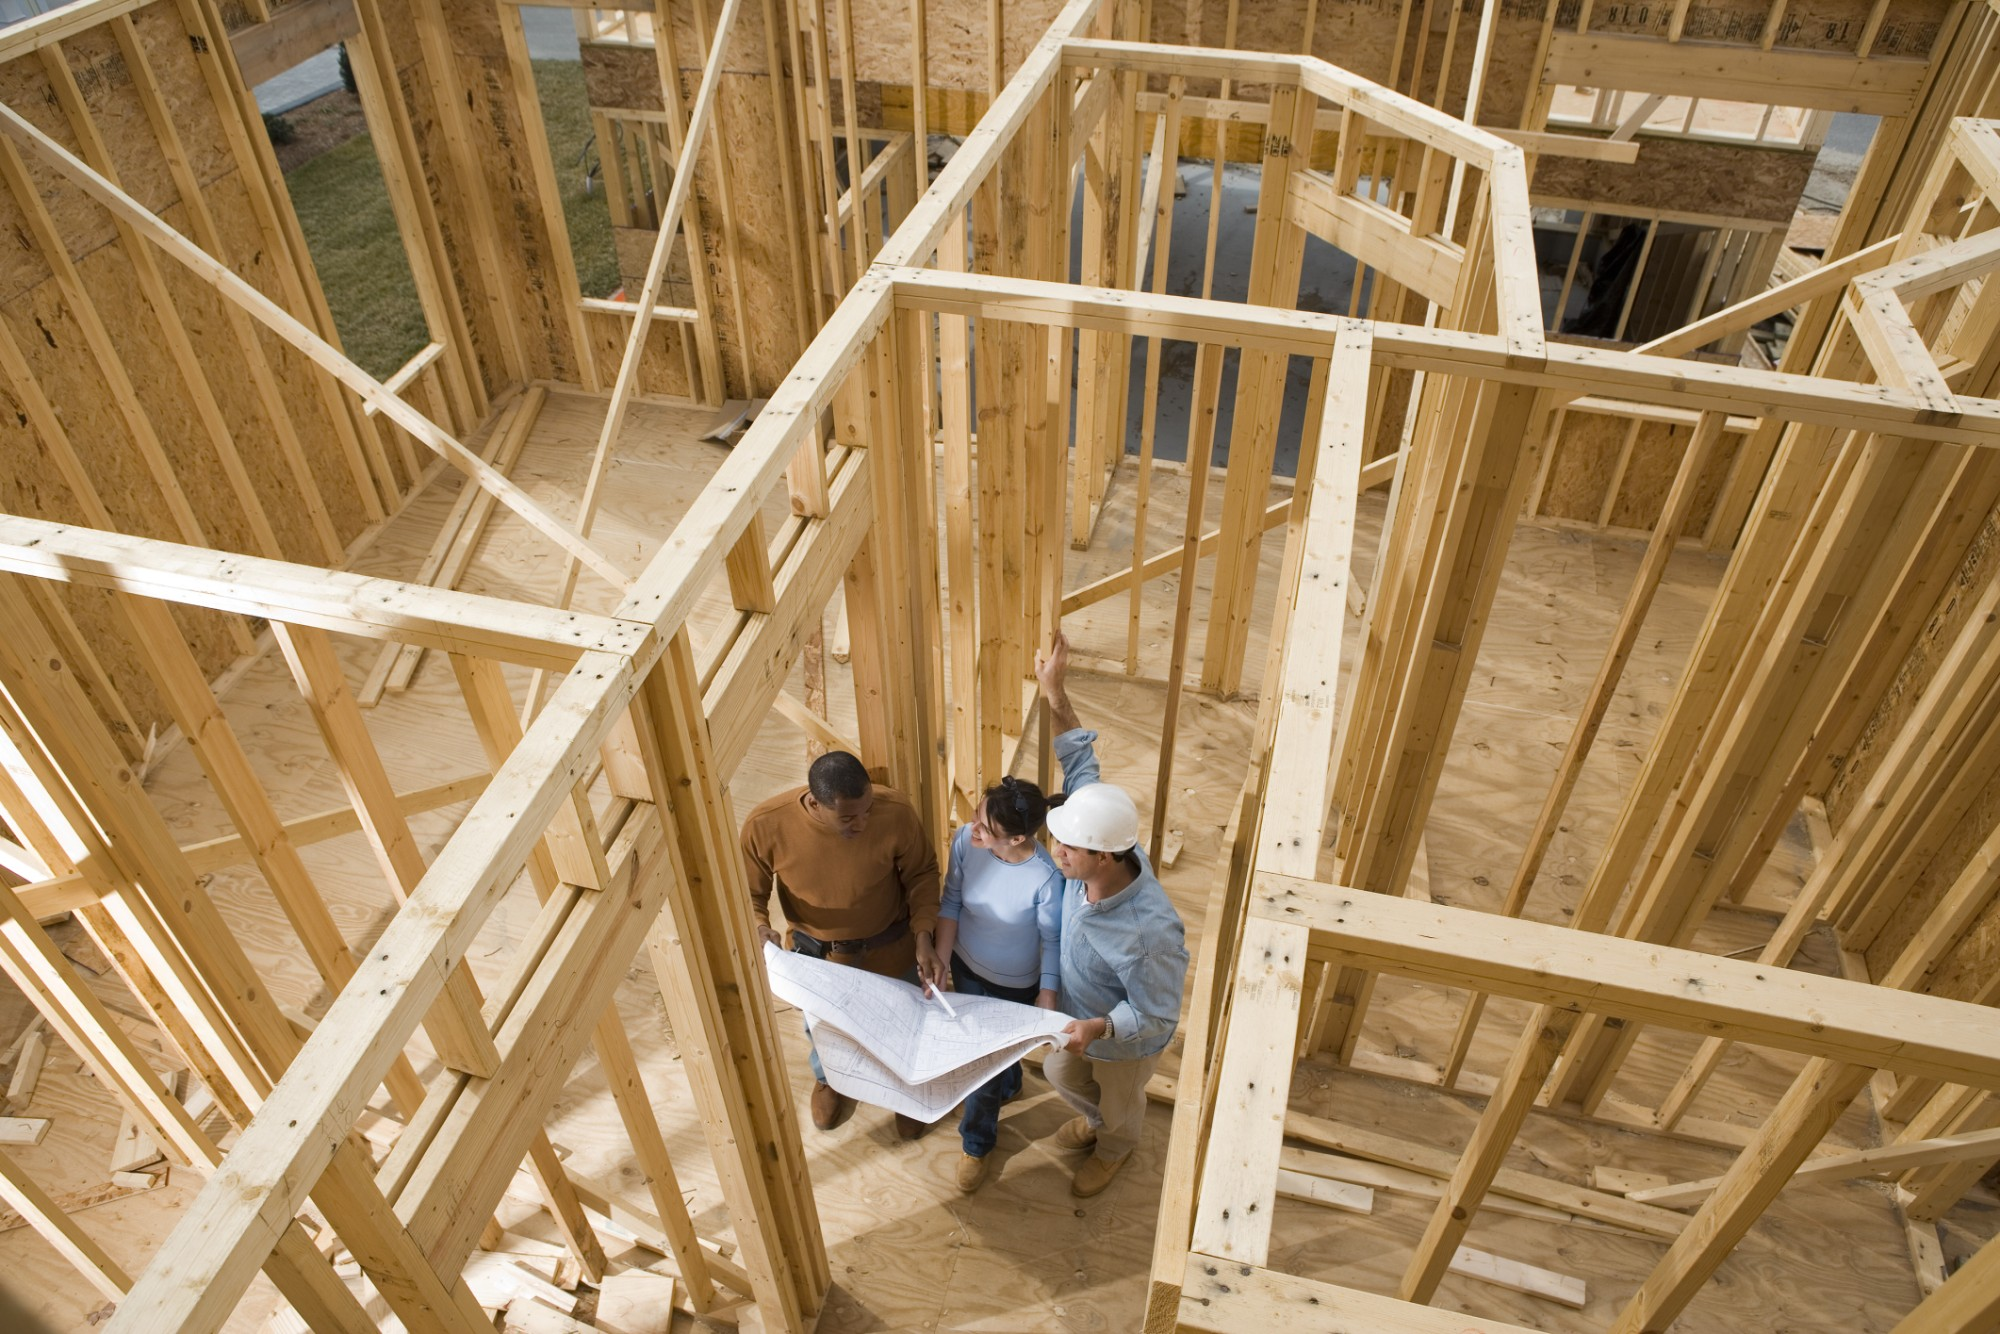 Goedkoop bouwen met cpo obvion hypotheken for Goedkoop huis laten bouwen